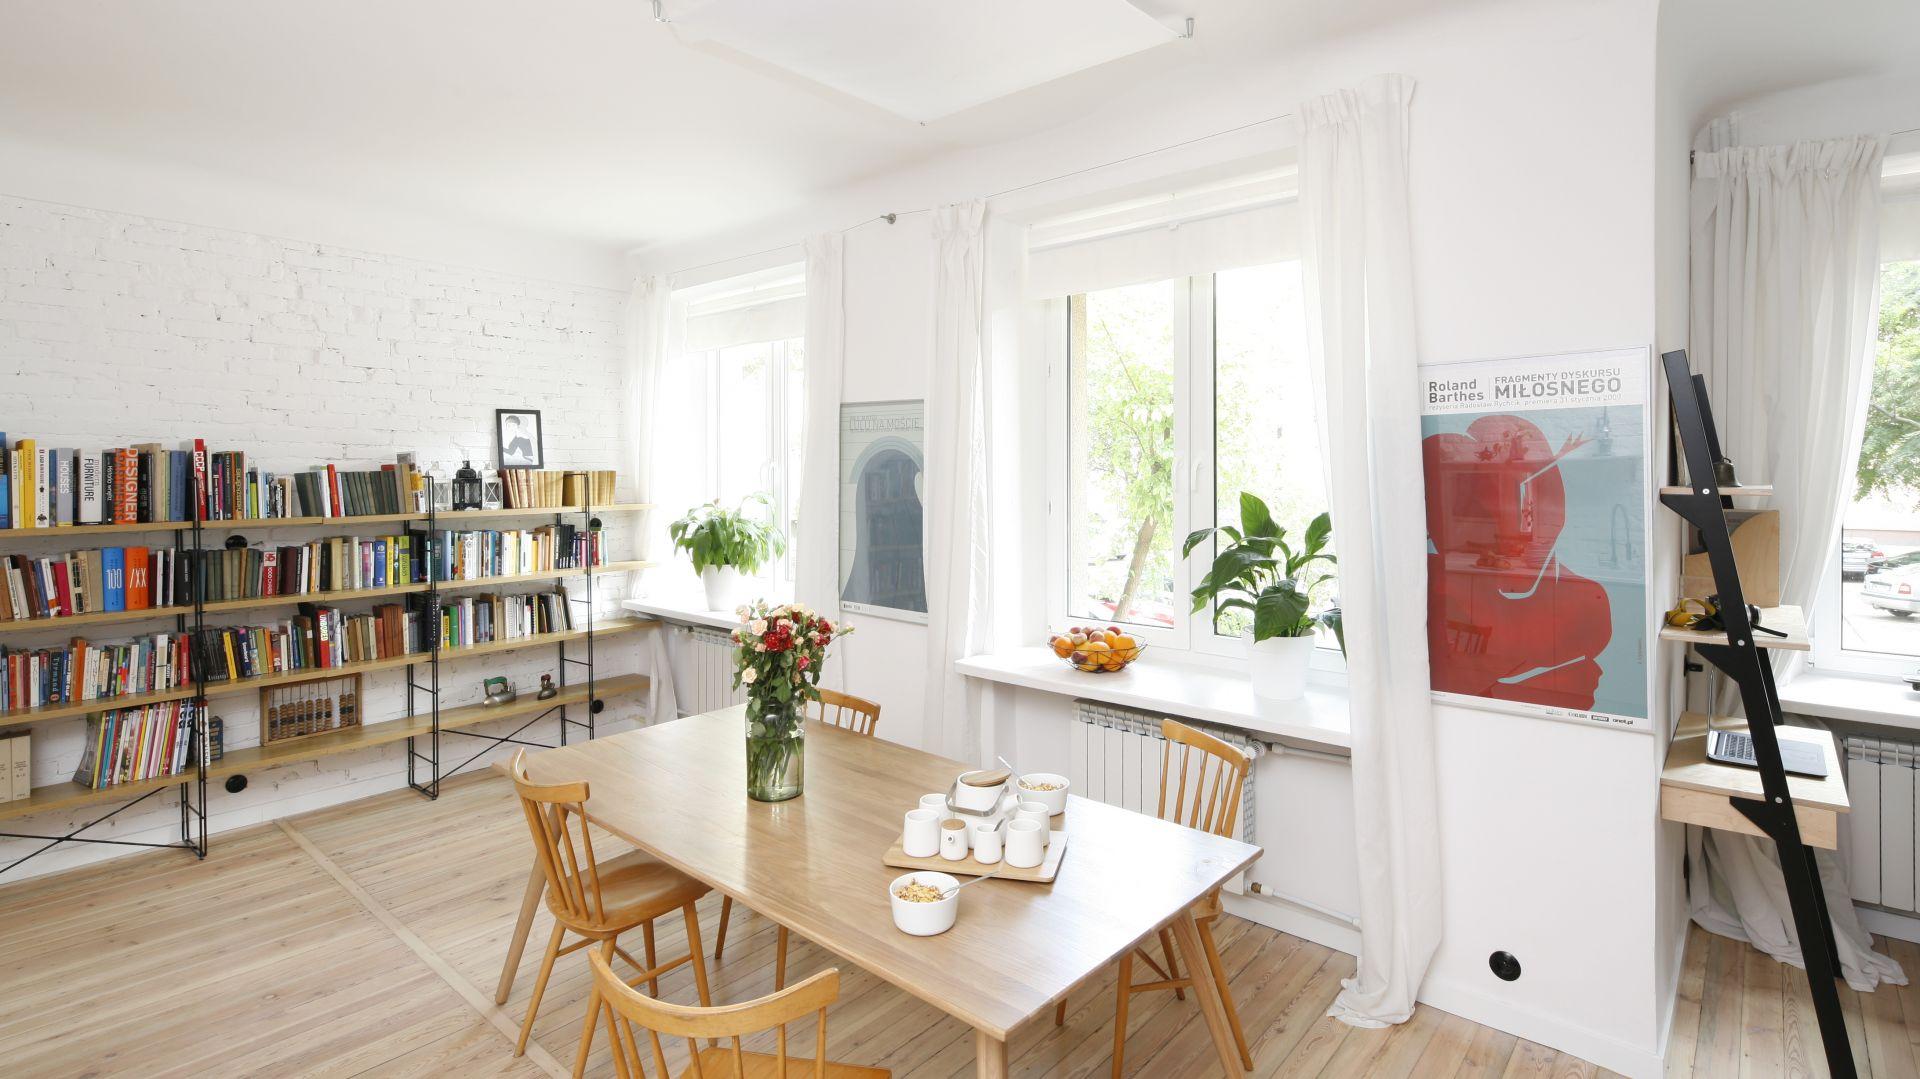 Parapety powinny pasować nie tylko do ramy okiennej, ale też nie kontrastować z ogólną kolorystyką pomieszczenia. Projekt wnętrza: Ewelina Pik. Fot. Bartosz Jarosz